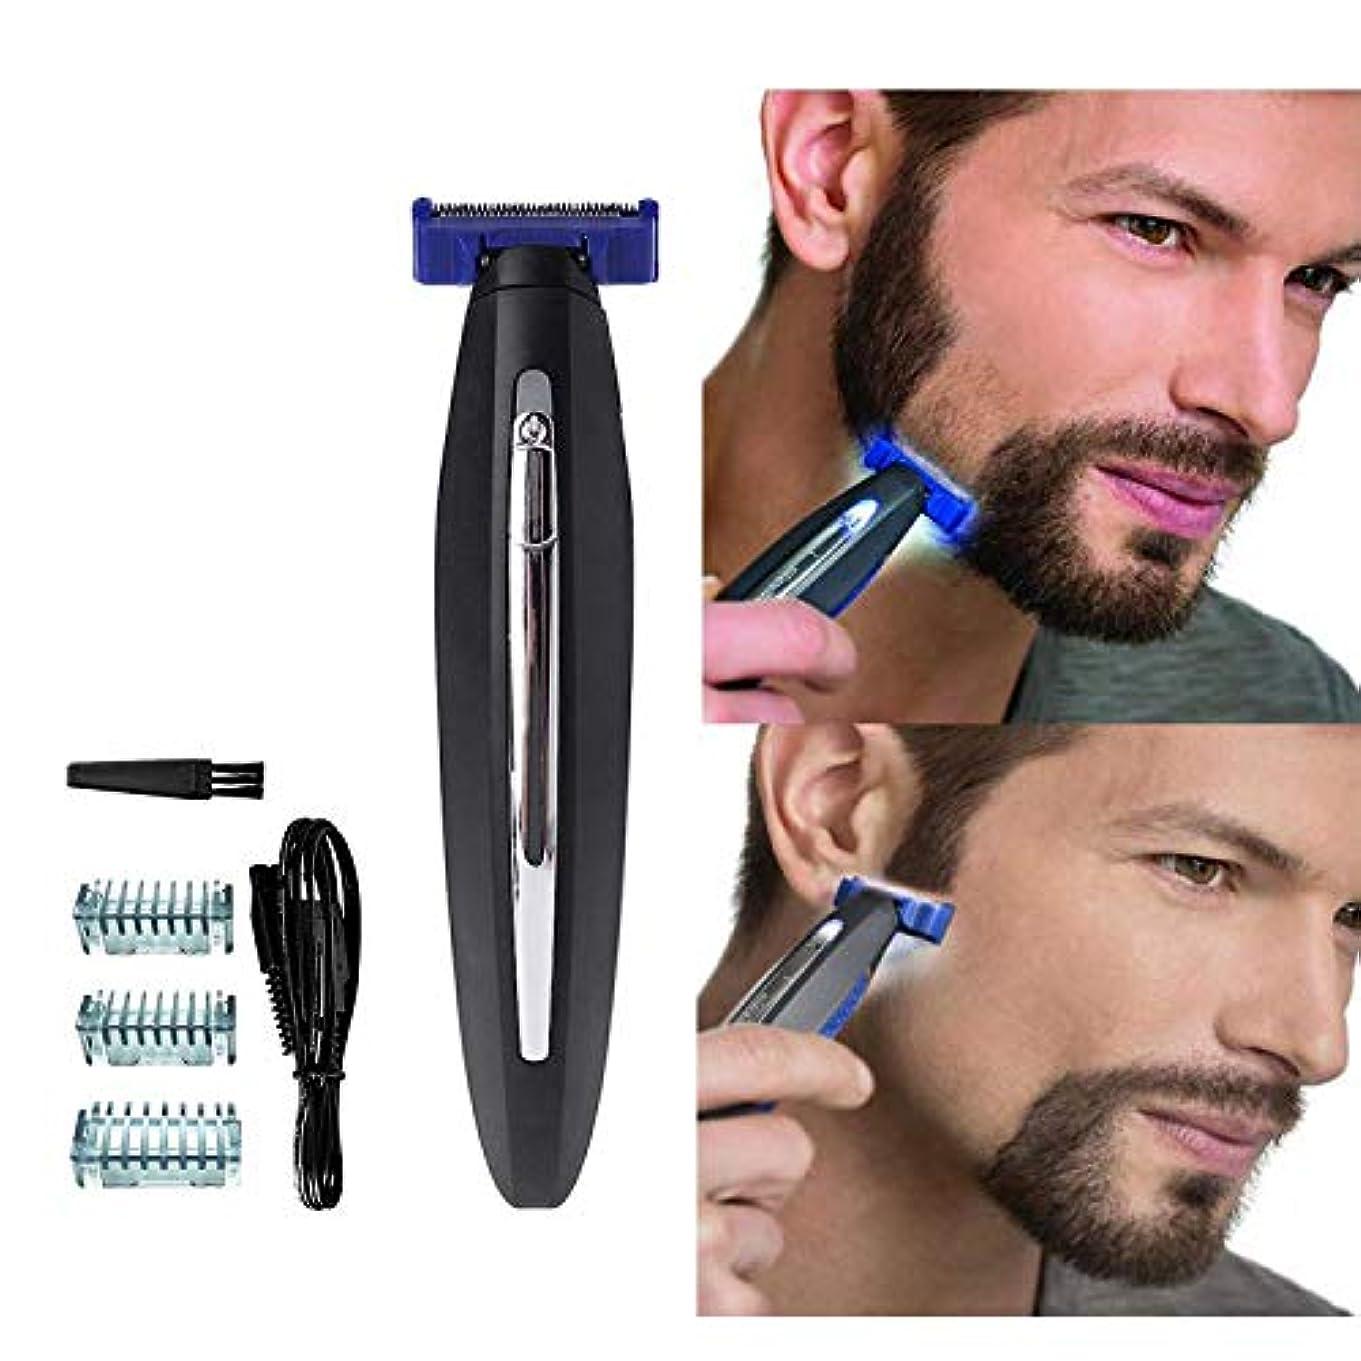 危険を冒します大使館ファントム男性のための電気かみそり、髪のクリーニングシェーバートリマーと防水スマートかみそり、男性のための眉毛のひげのフェイシャルとボディヘアーのための毛の除去剤, black